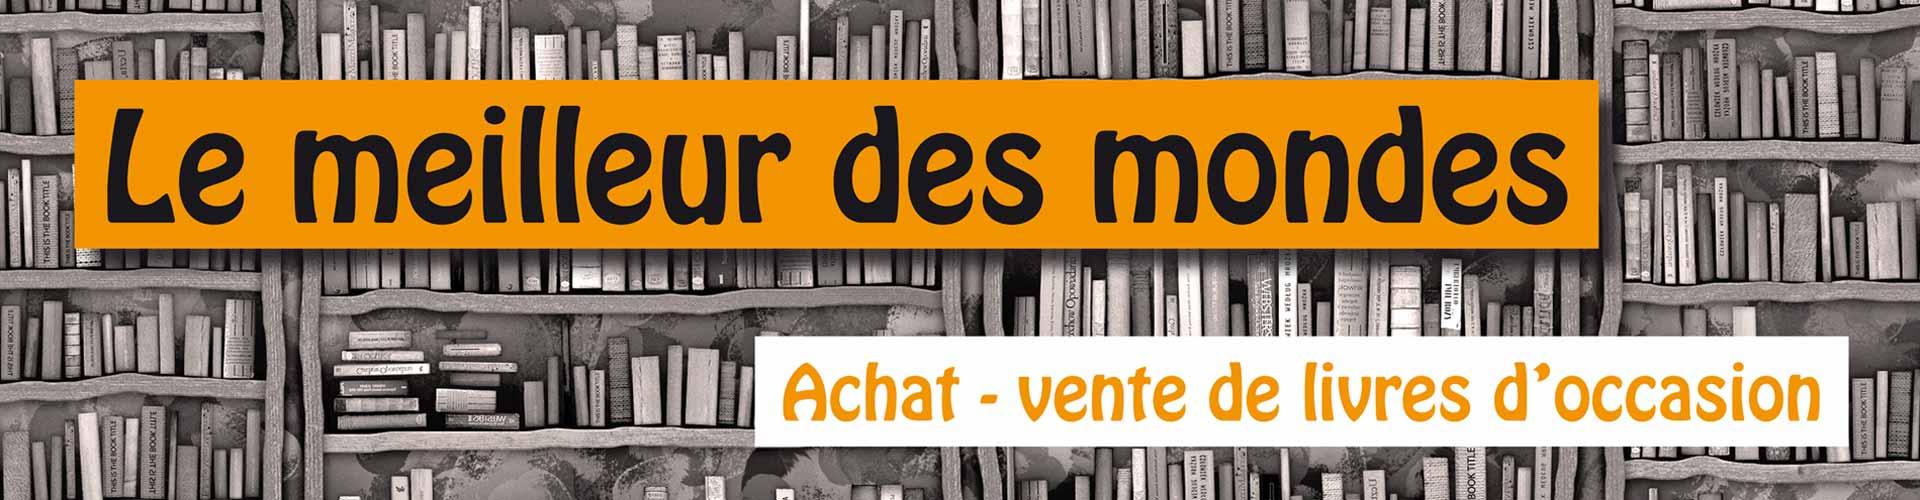 Librairie, bouquinerie, Le Meilleur des Mondes à Aniane en Coeur d'Hérault